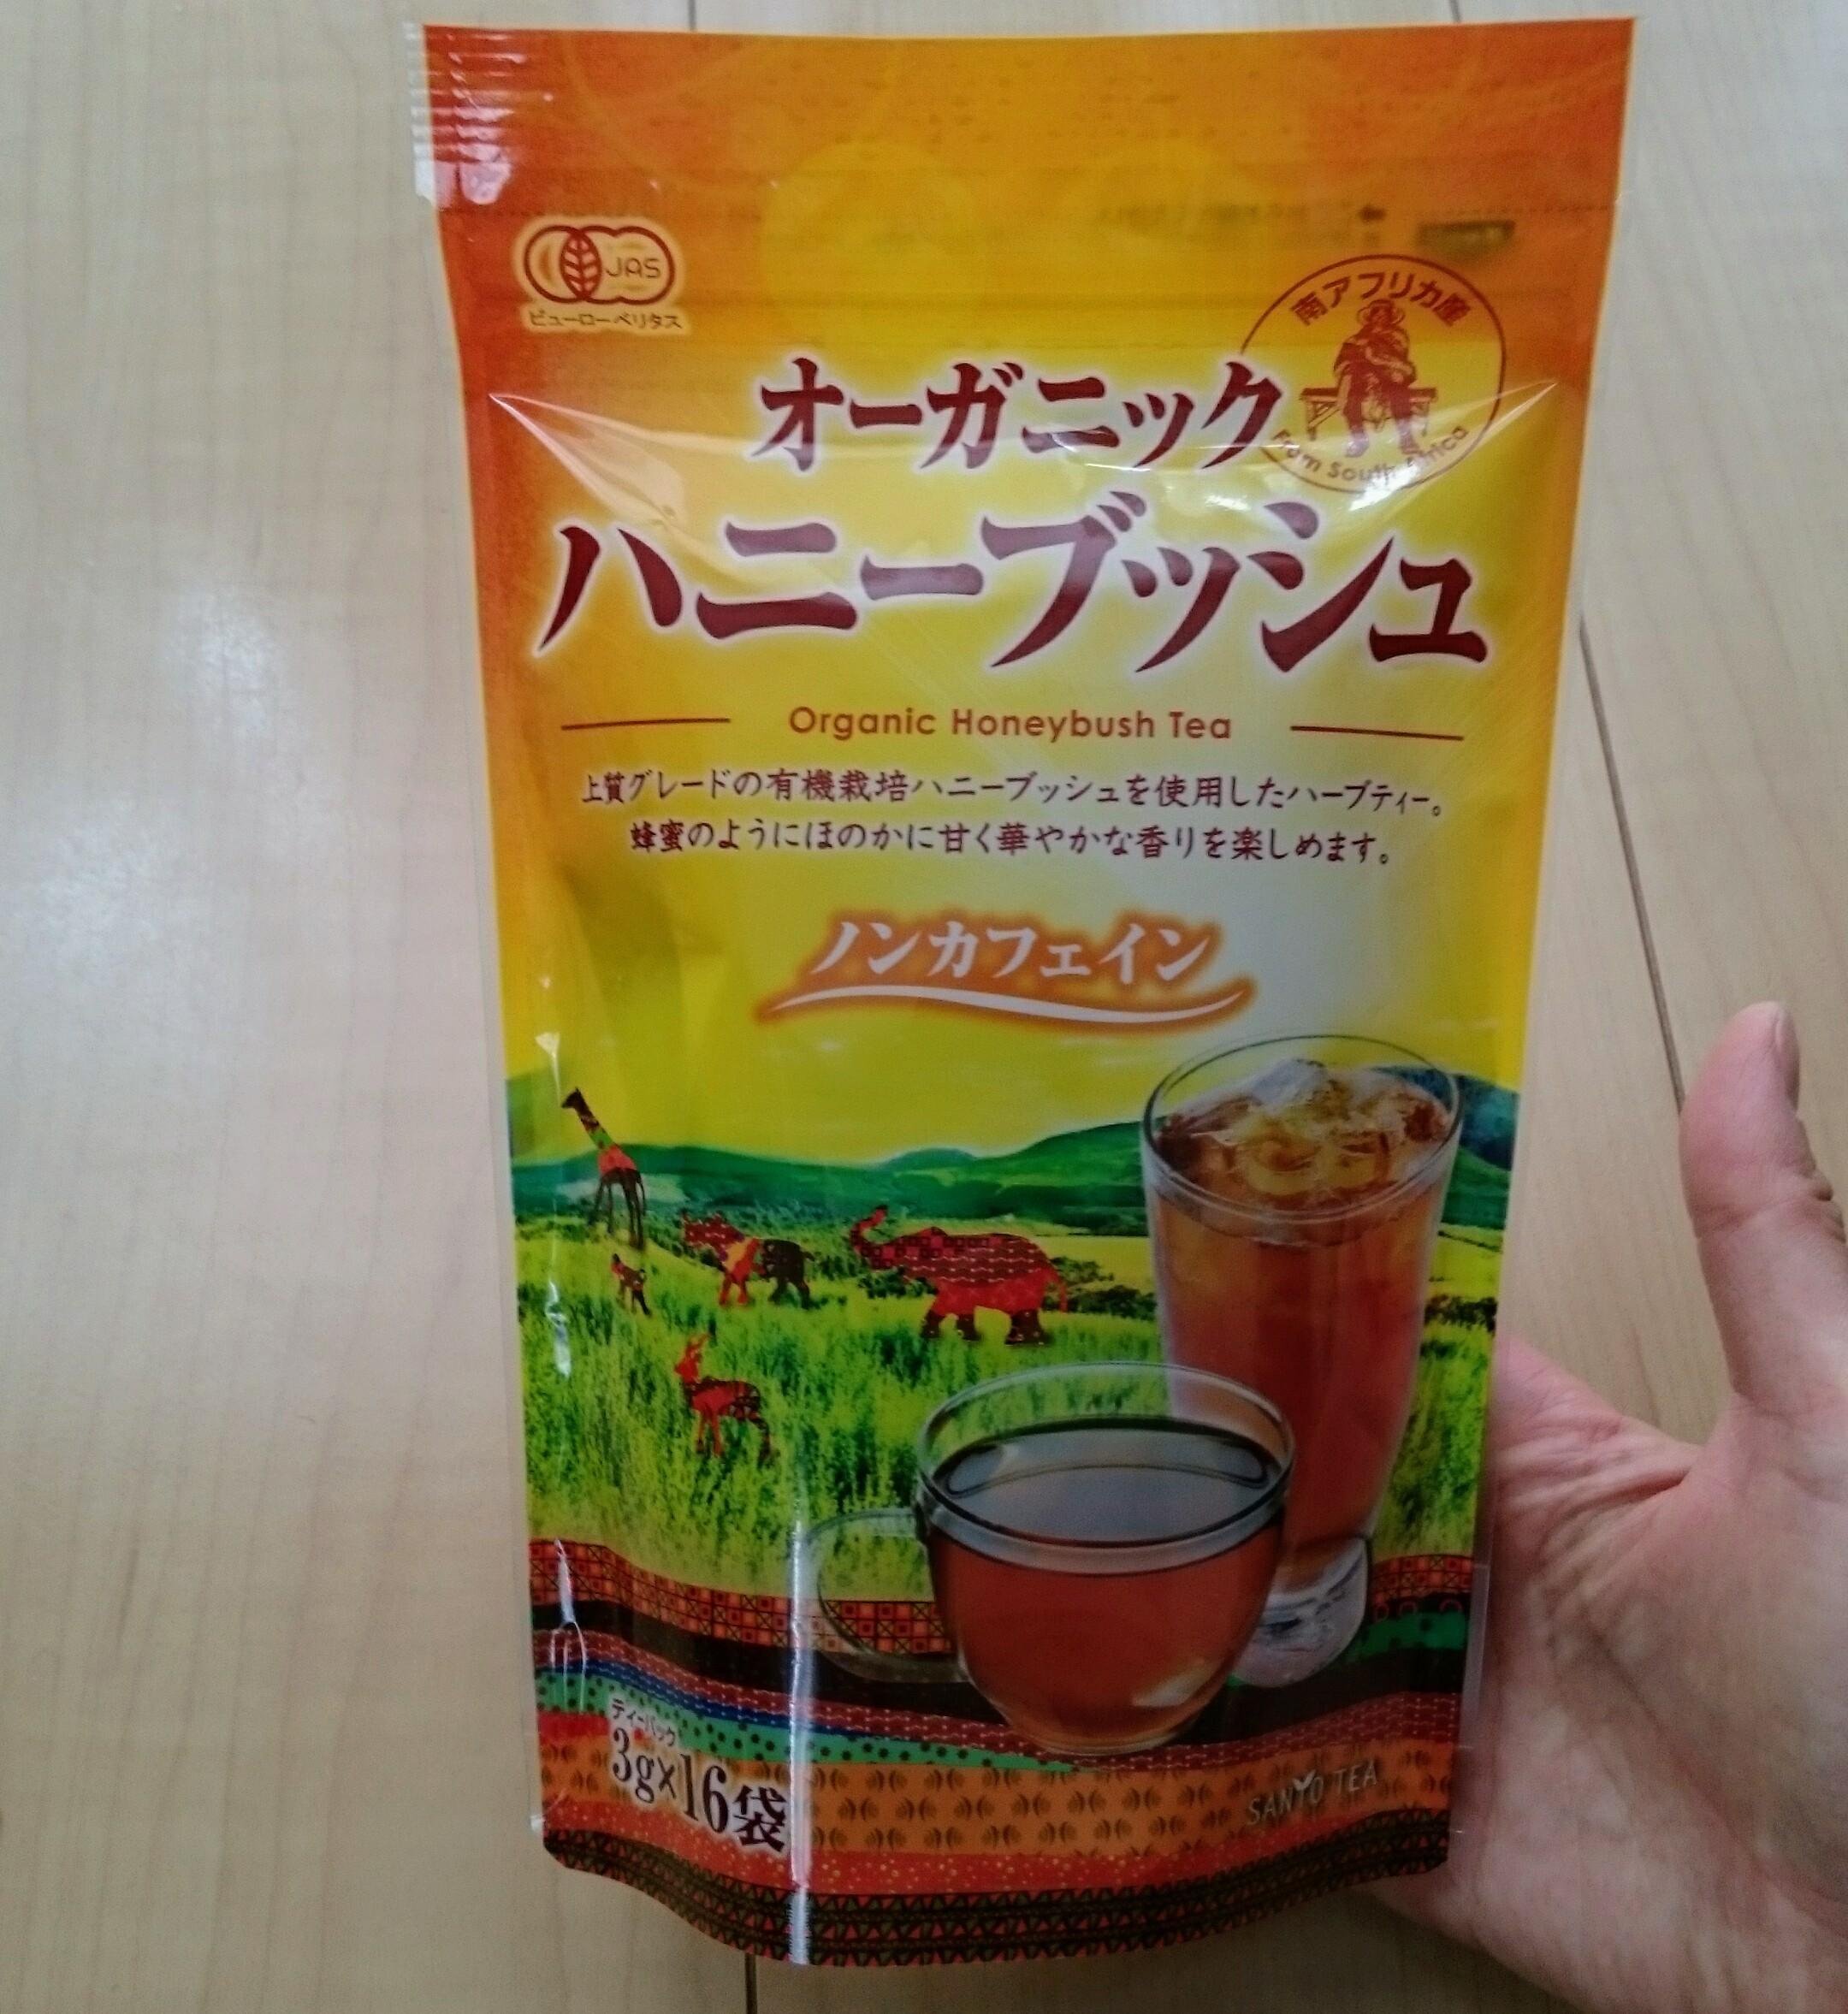 ハニーブッシュティーは女性にオススメのお茶。優れた栄養で健康な毎日を